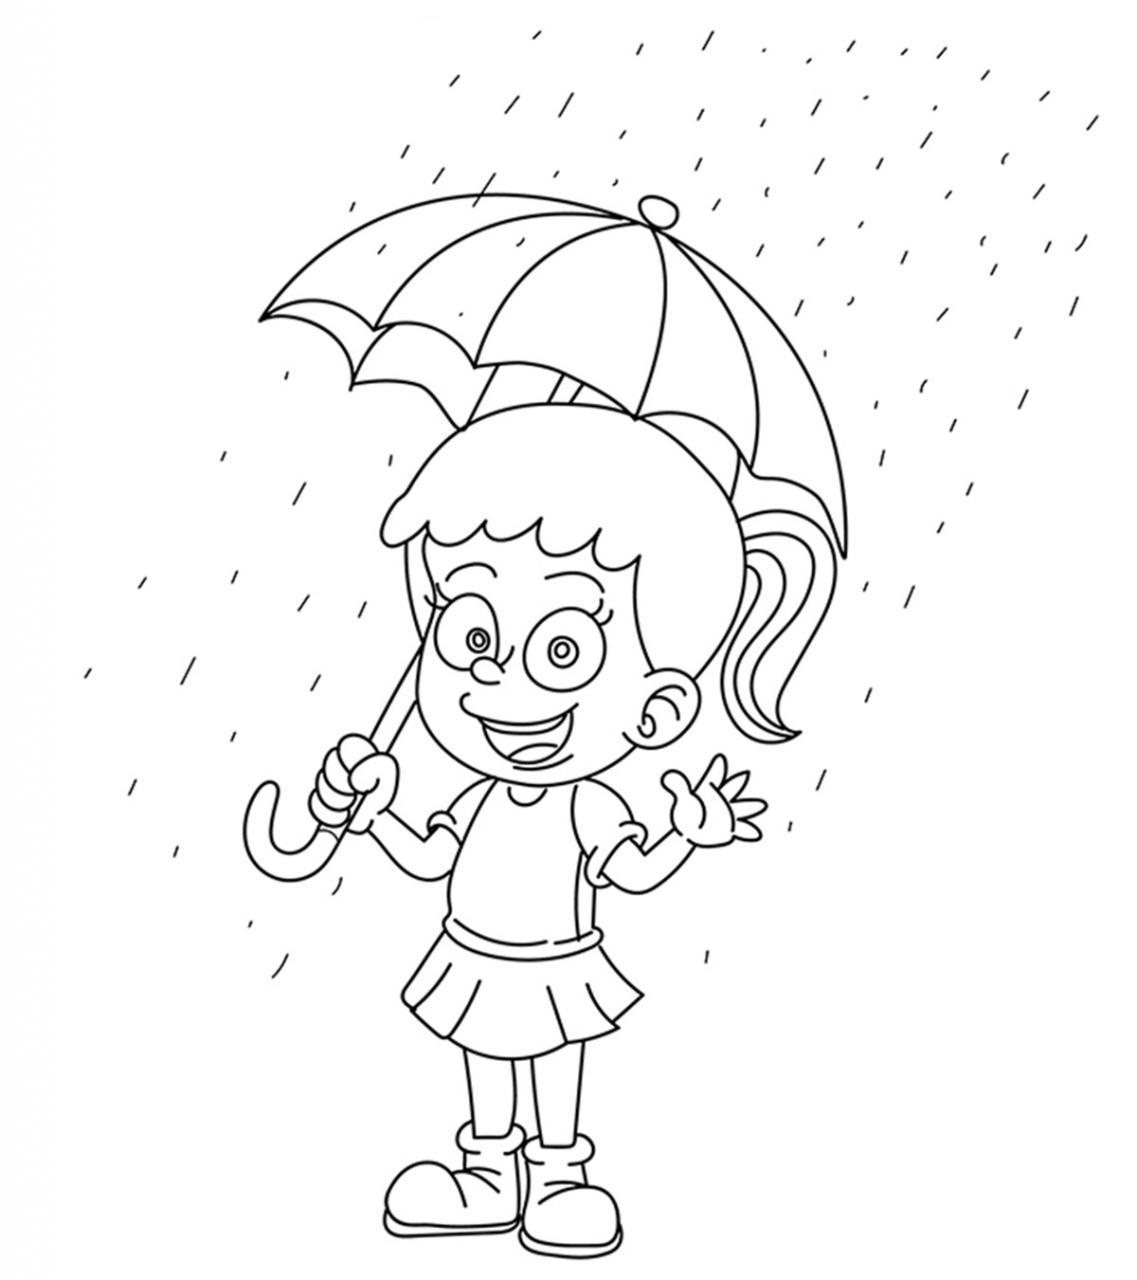 Tổng hợp các bức tranh tô màu trời mưa đẹp nhất dành tặng cho bé